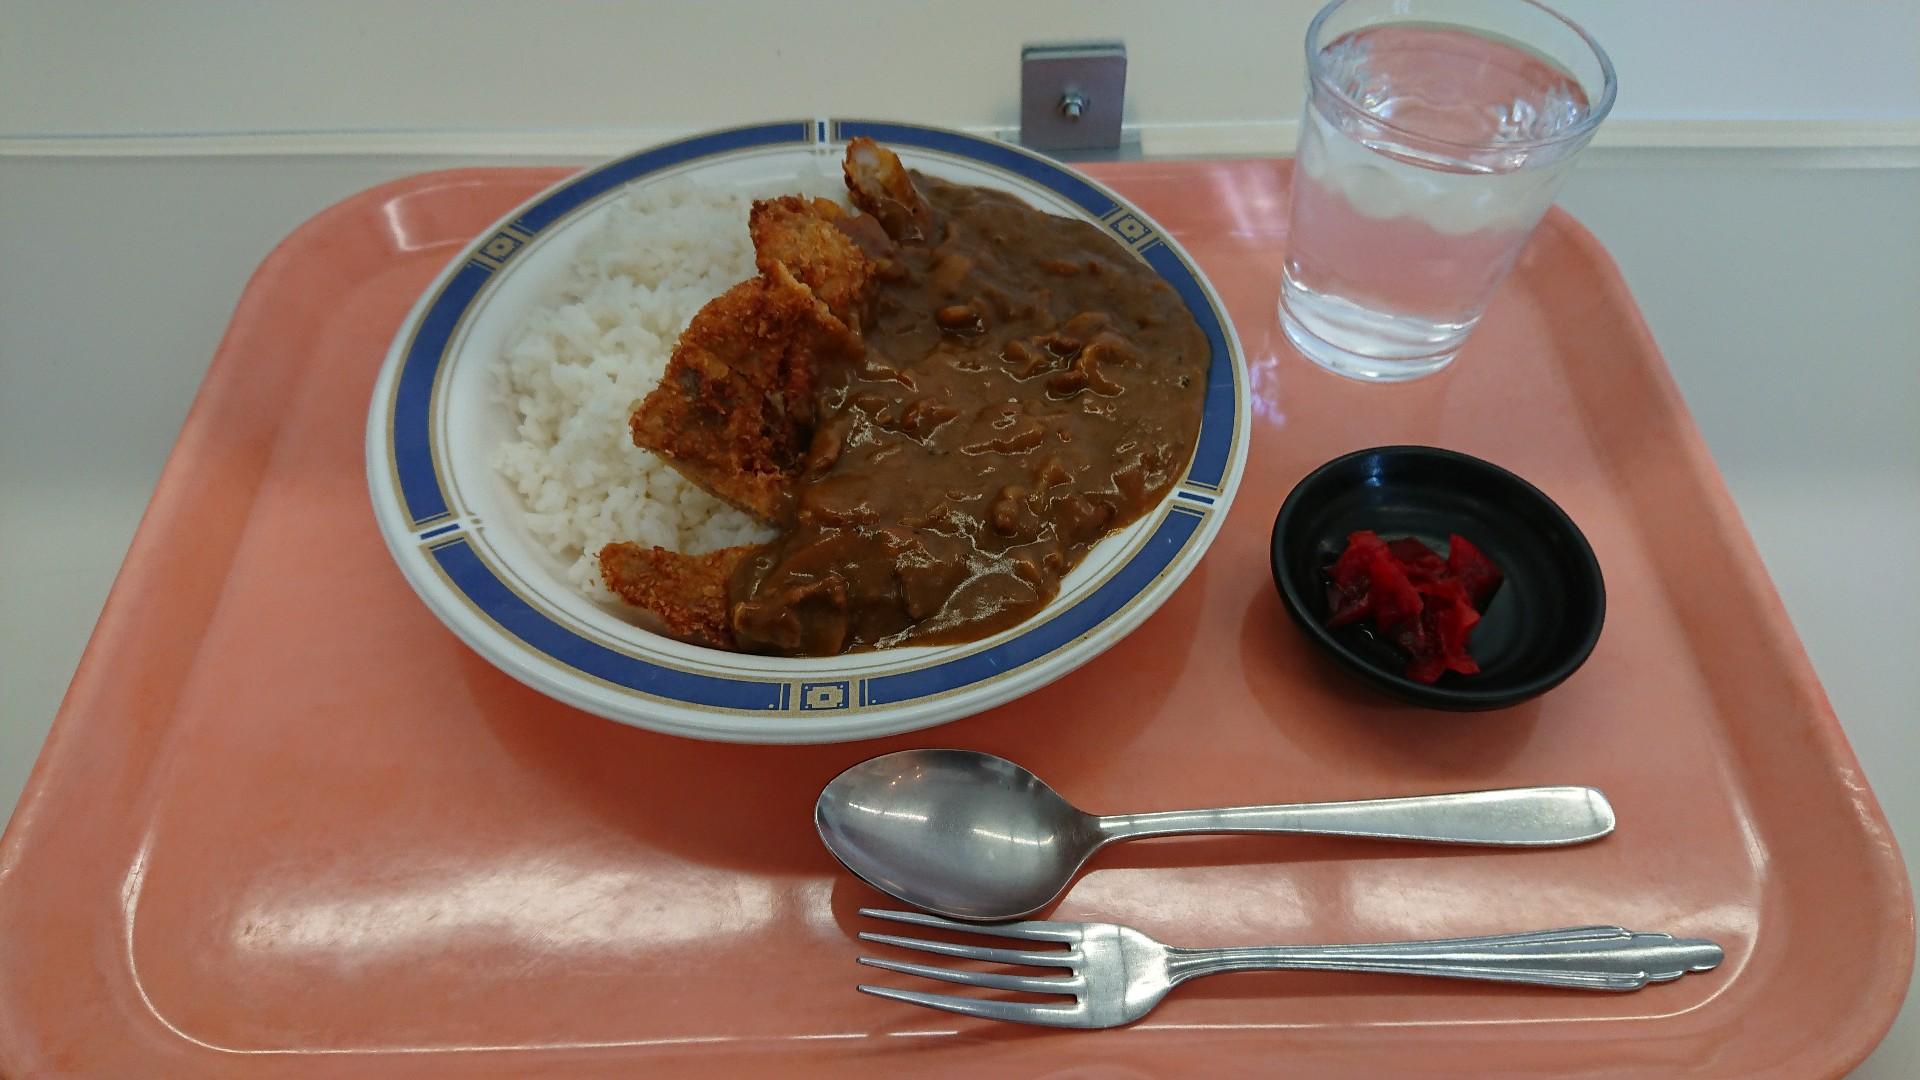 【画像】学食のカレー食いに来たンゴwwww